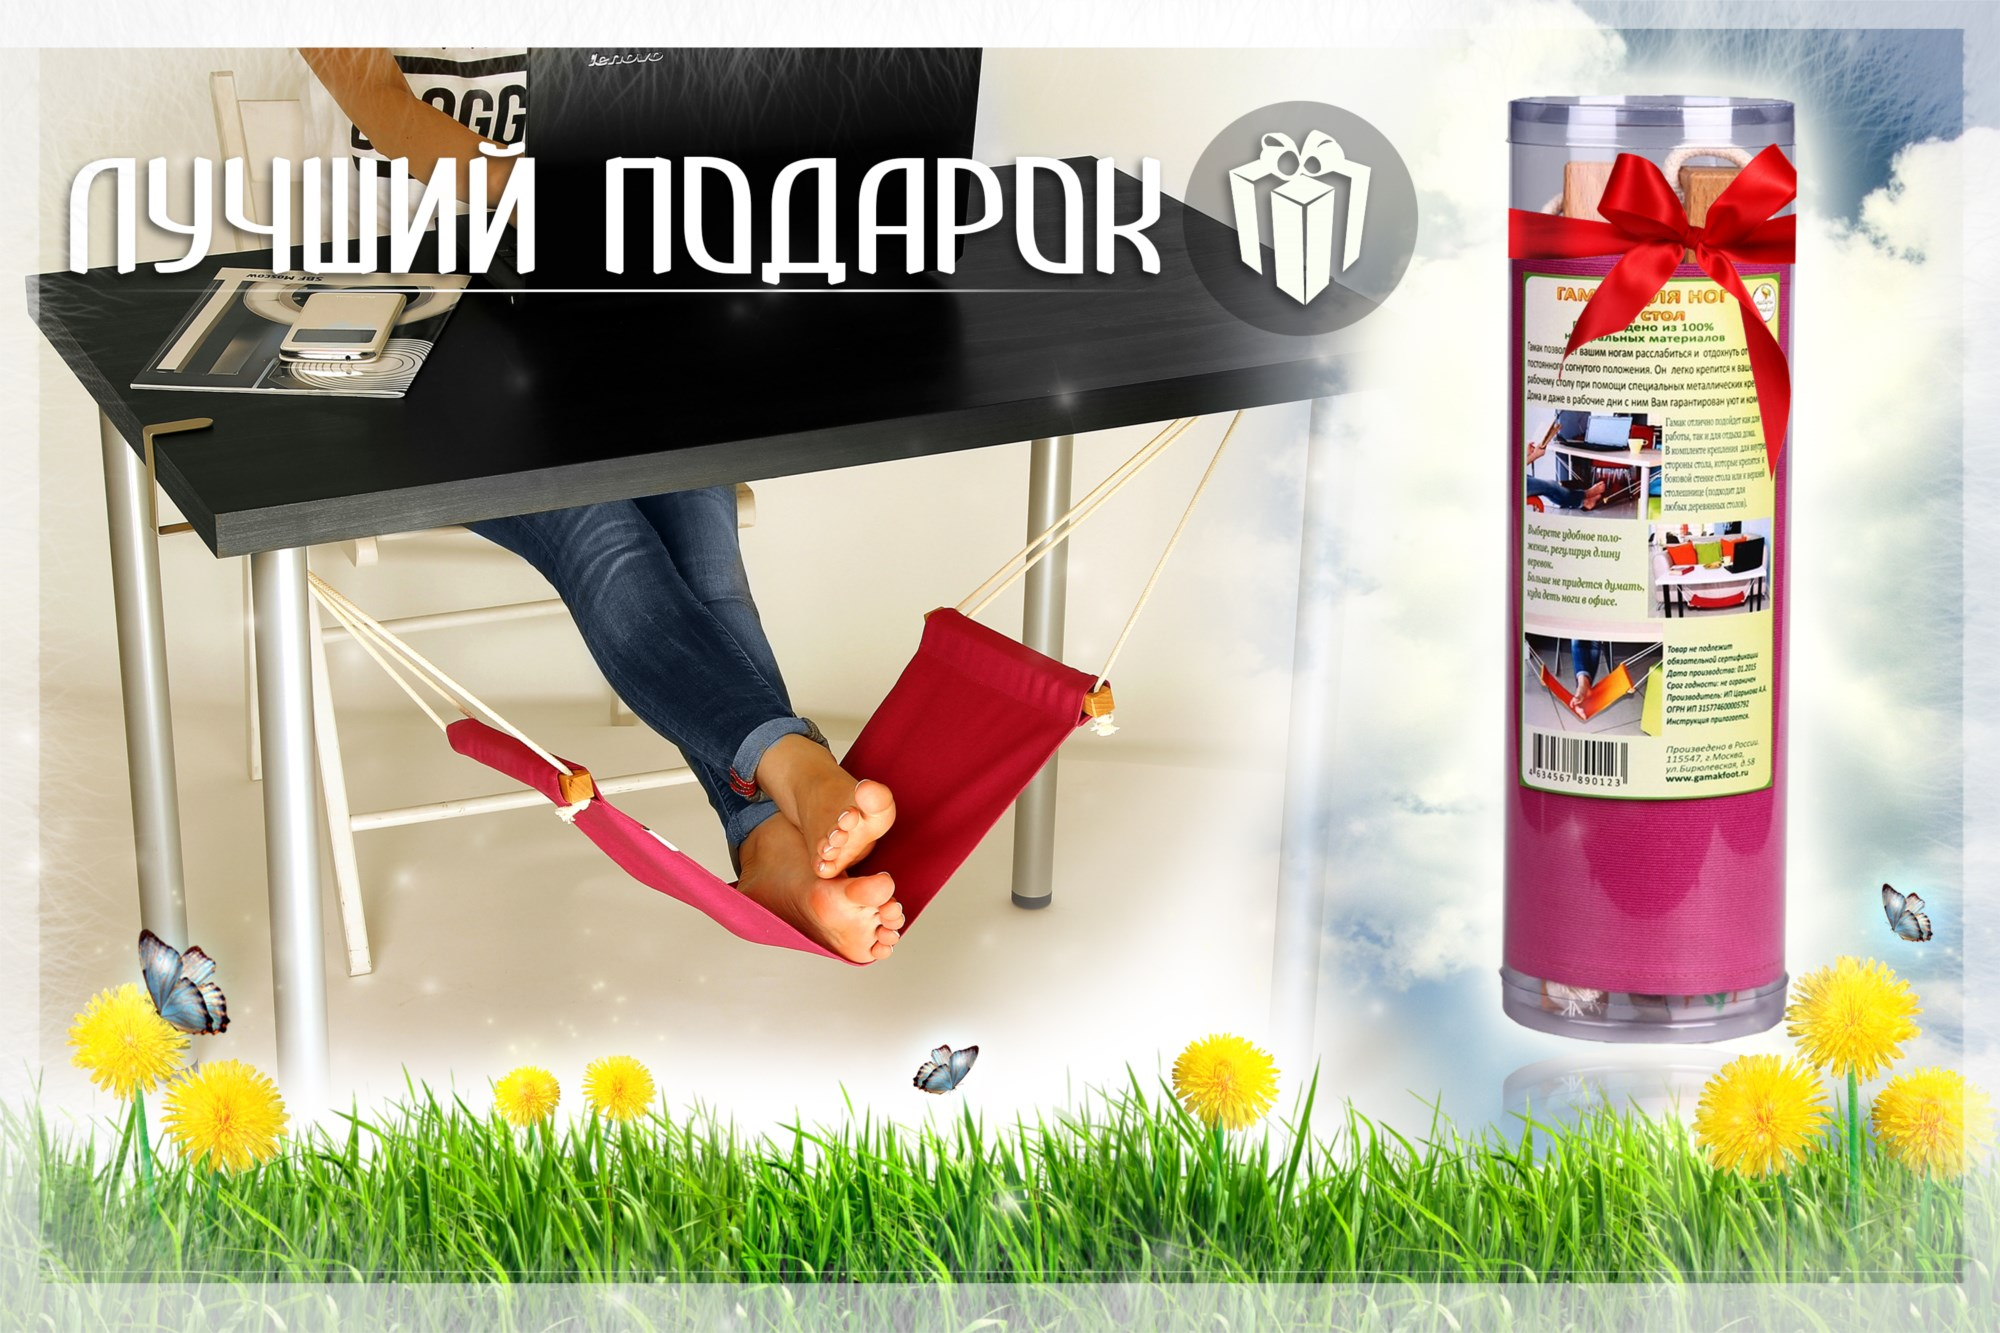 Однослойный гамак для ног под рабочий стол PINK